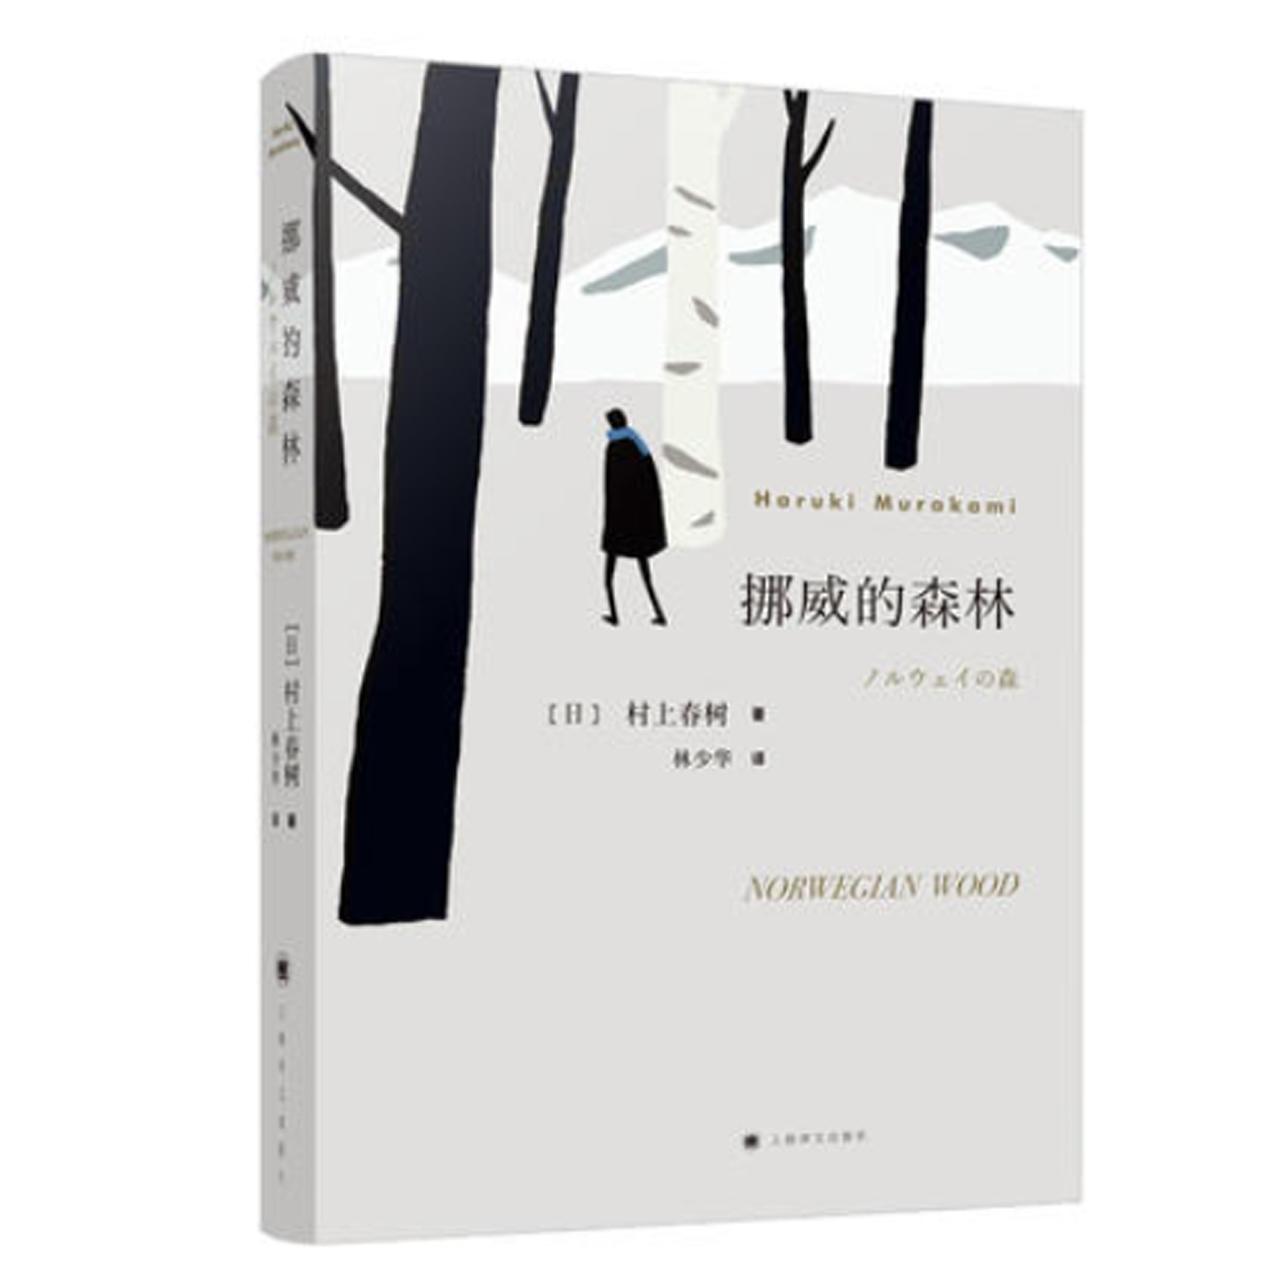 挪威的森林【儿童小说/青少年读物/翻译文学】